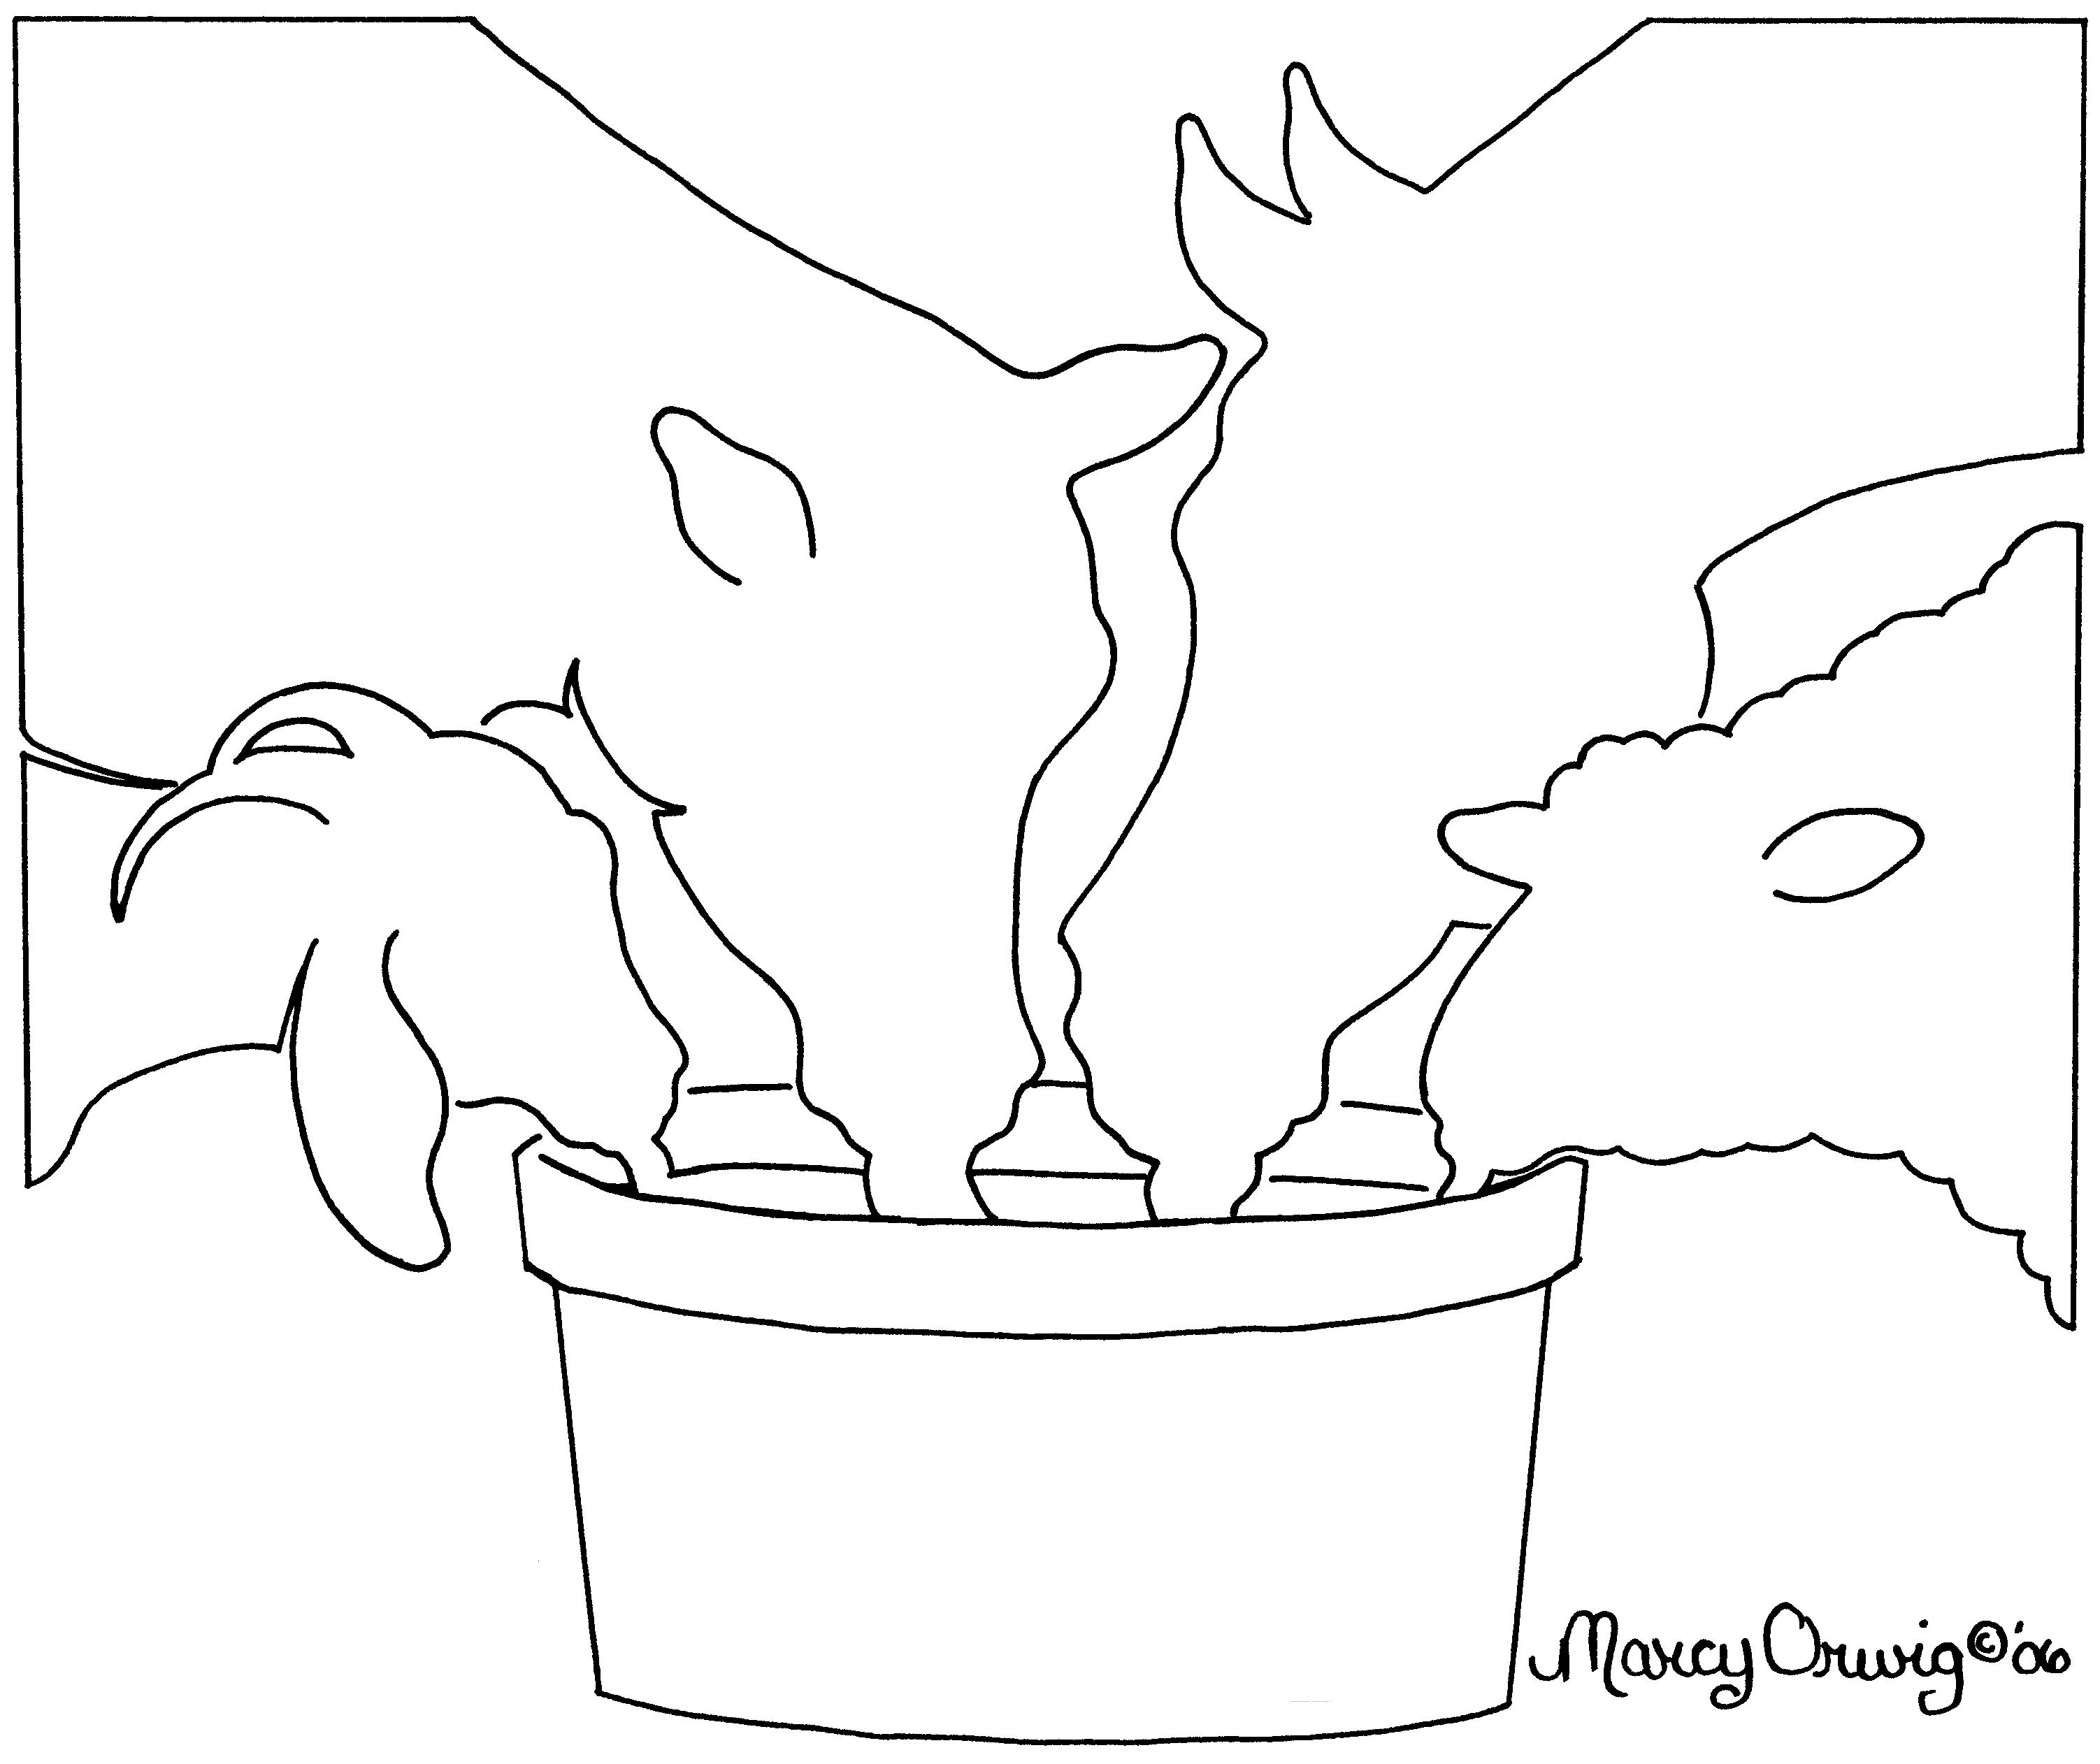 Orwig's Tubs, Inc